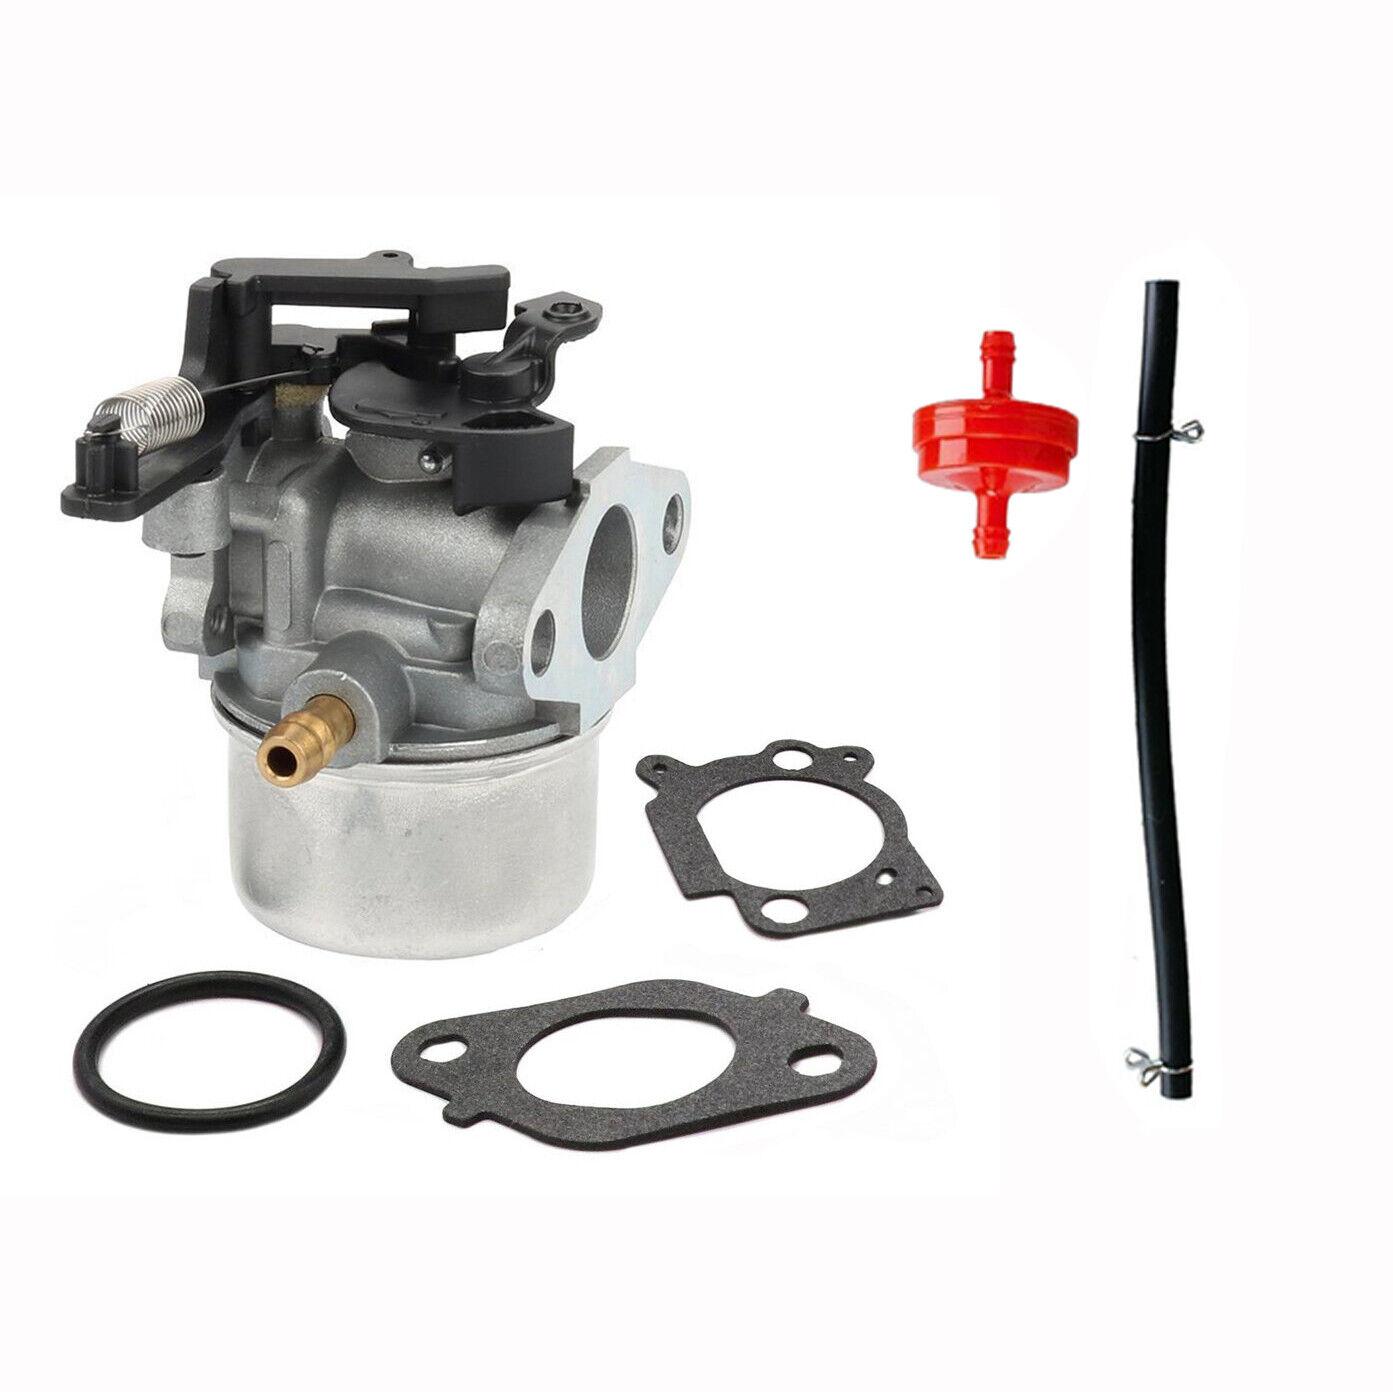 Carburetor Carb for Briggs /& Stratton B/&S engine 12H802-2684-B1